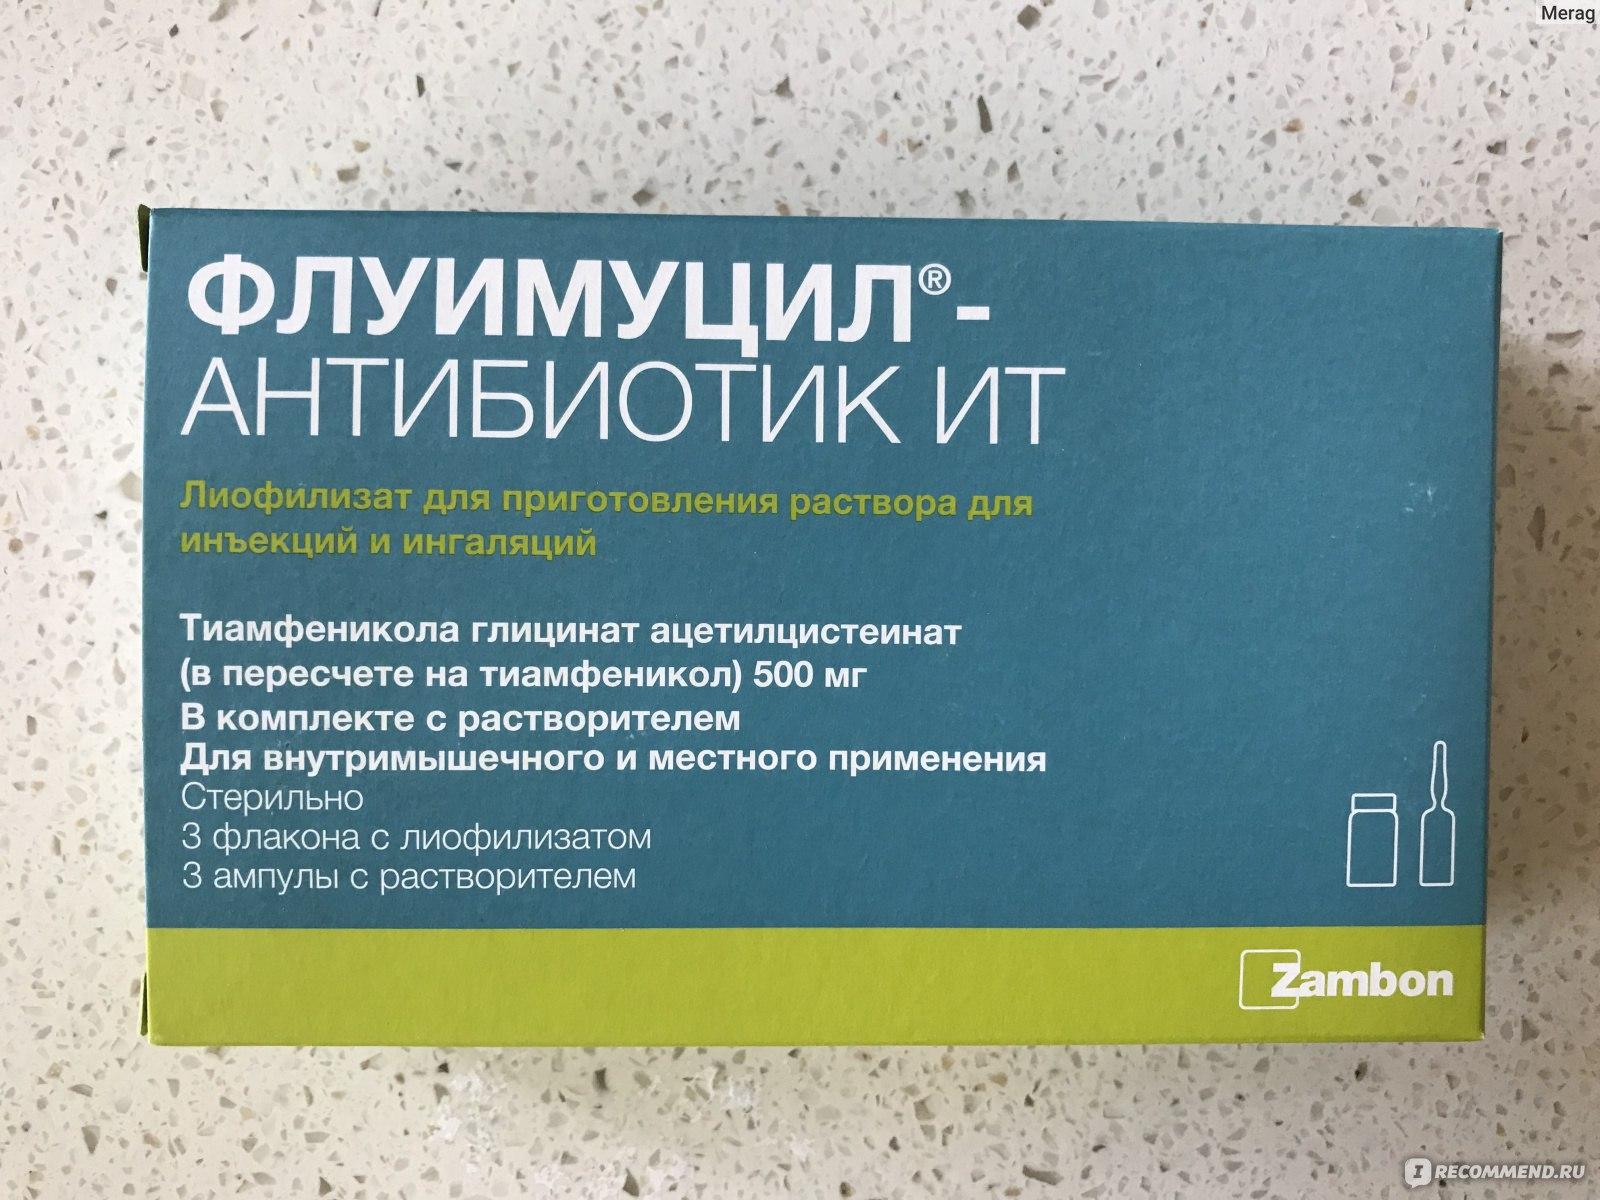 Флуимуцил-антибиотик ит для ингаляций: лечения  кашля  антибиотиками